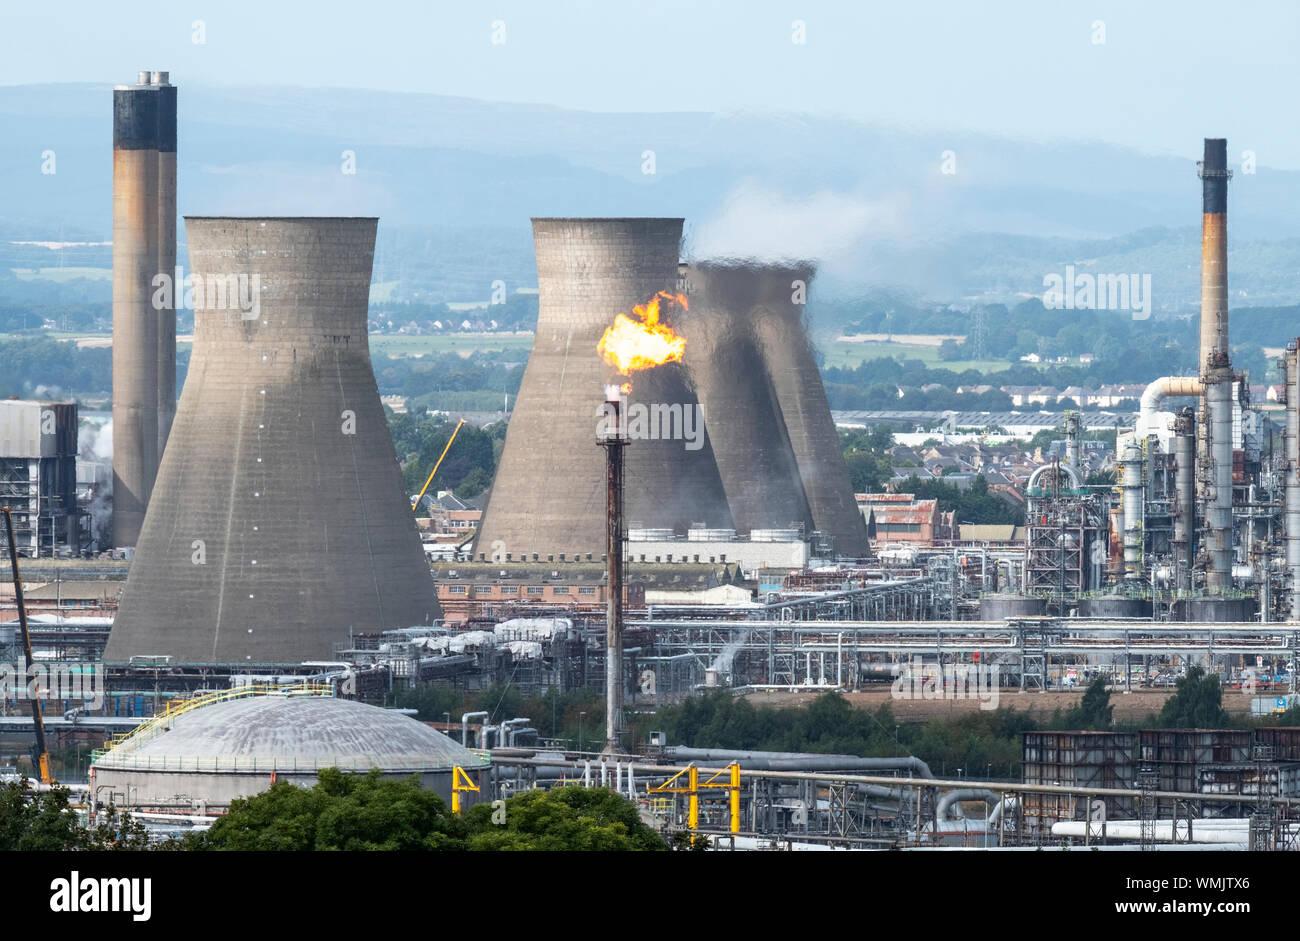 Torche de gaz brûlant à la raffinerie de Grangemouth, en Ecosse Banque D'Images